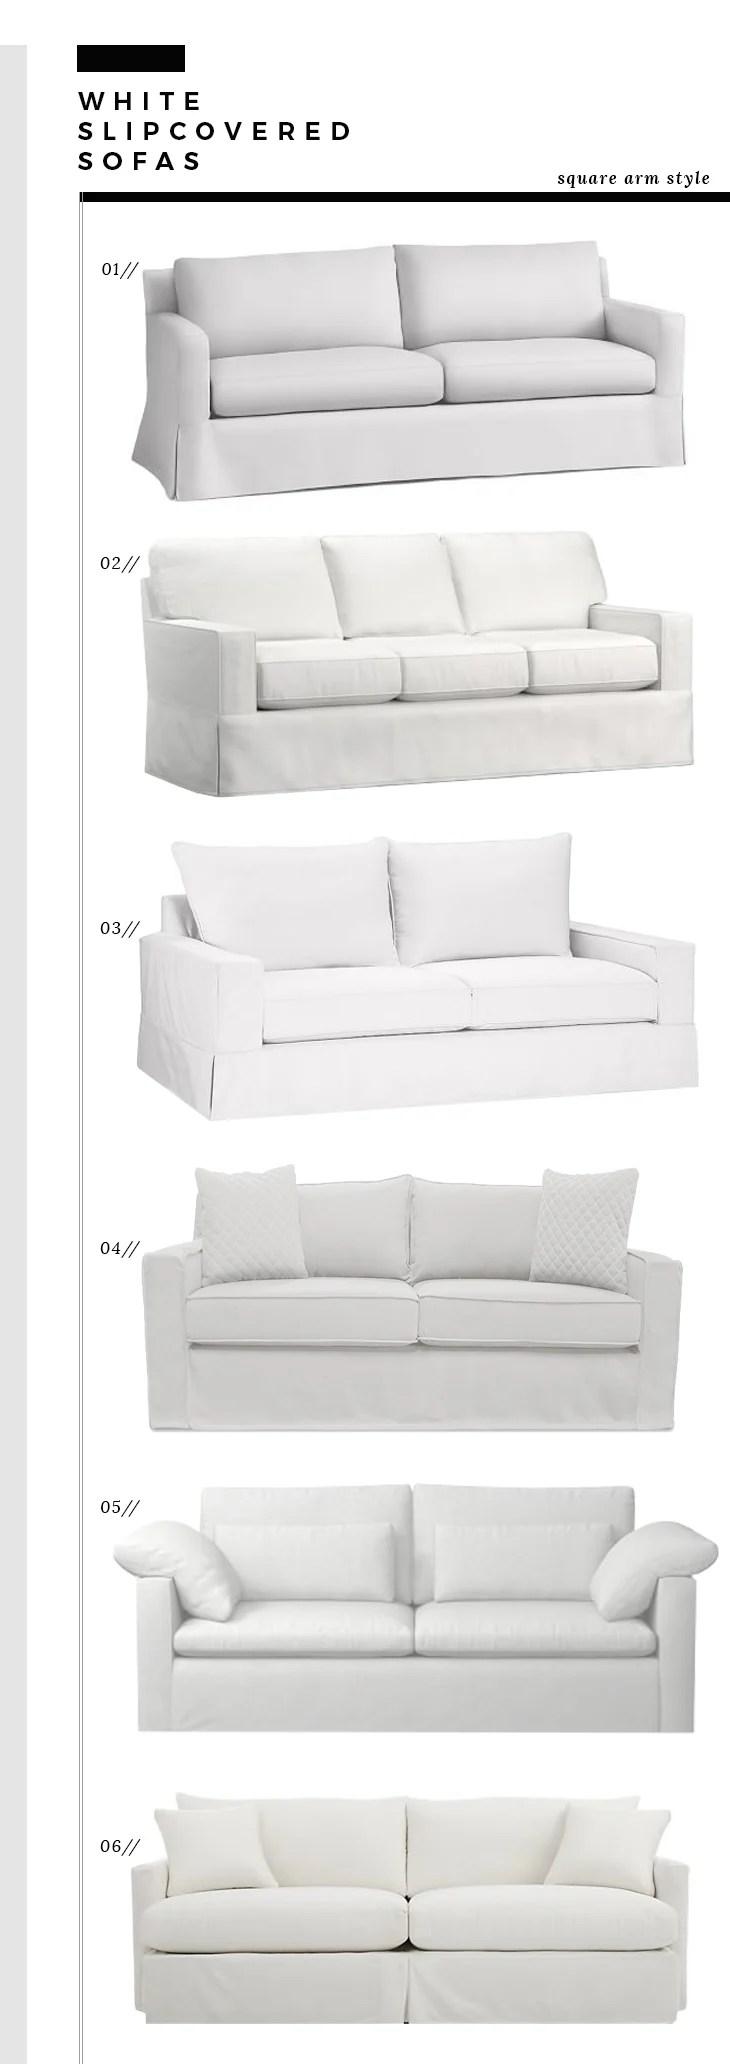 Square Arm Slipcover Sofas